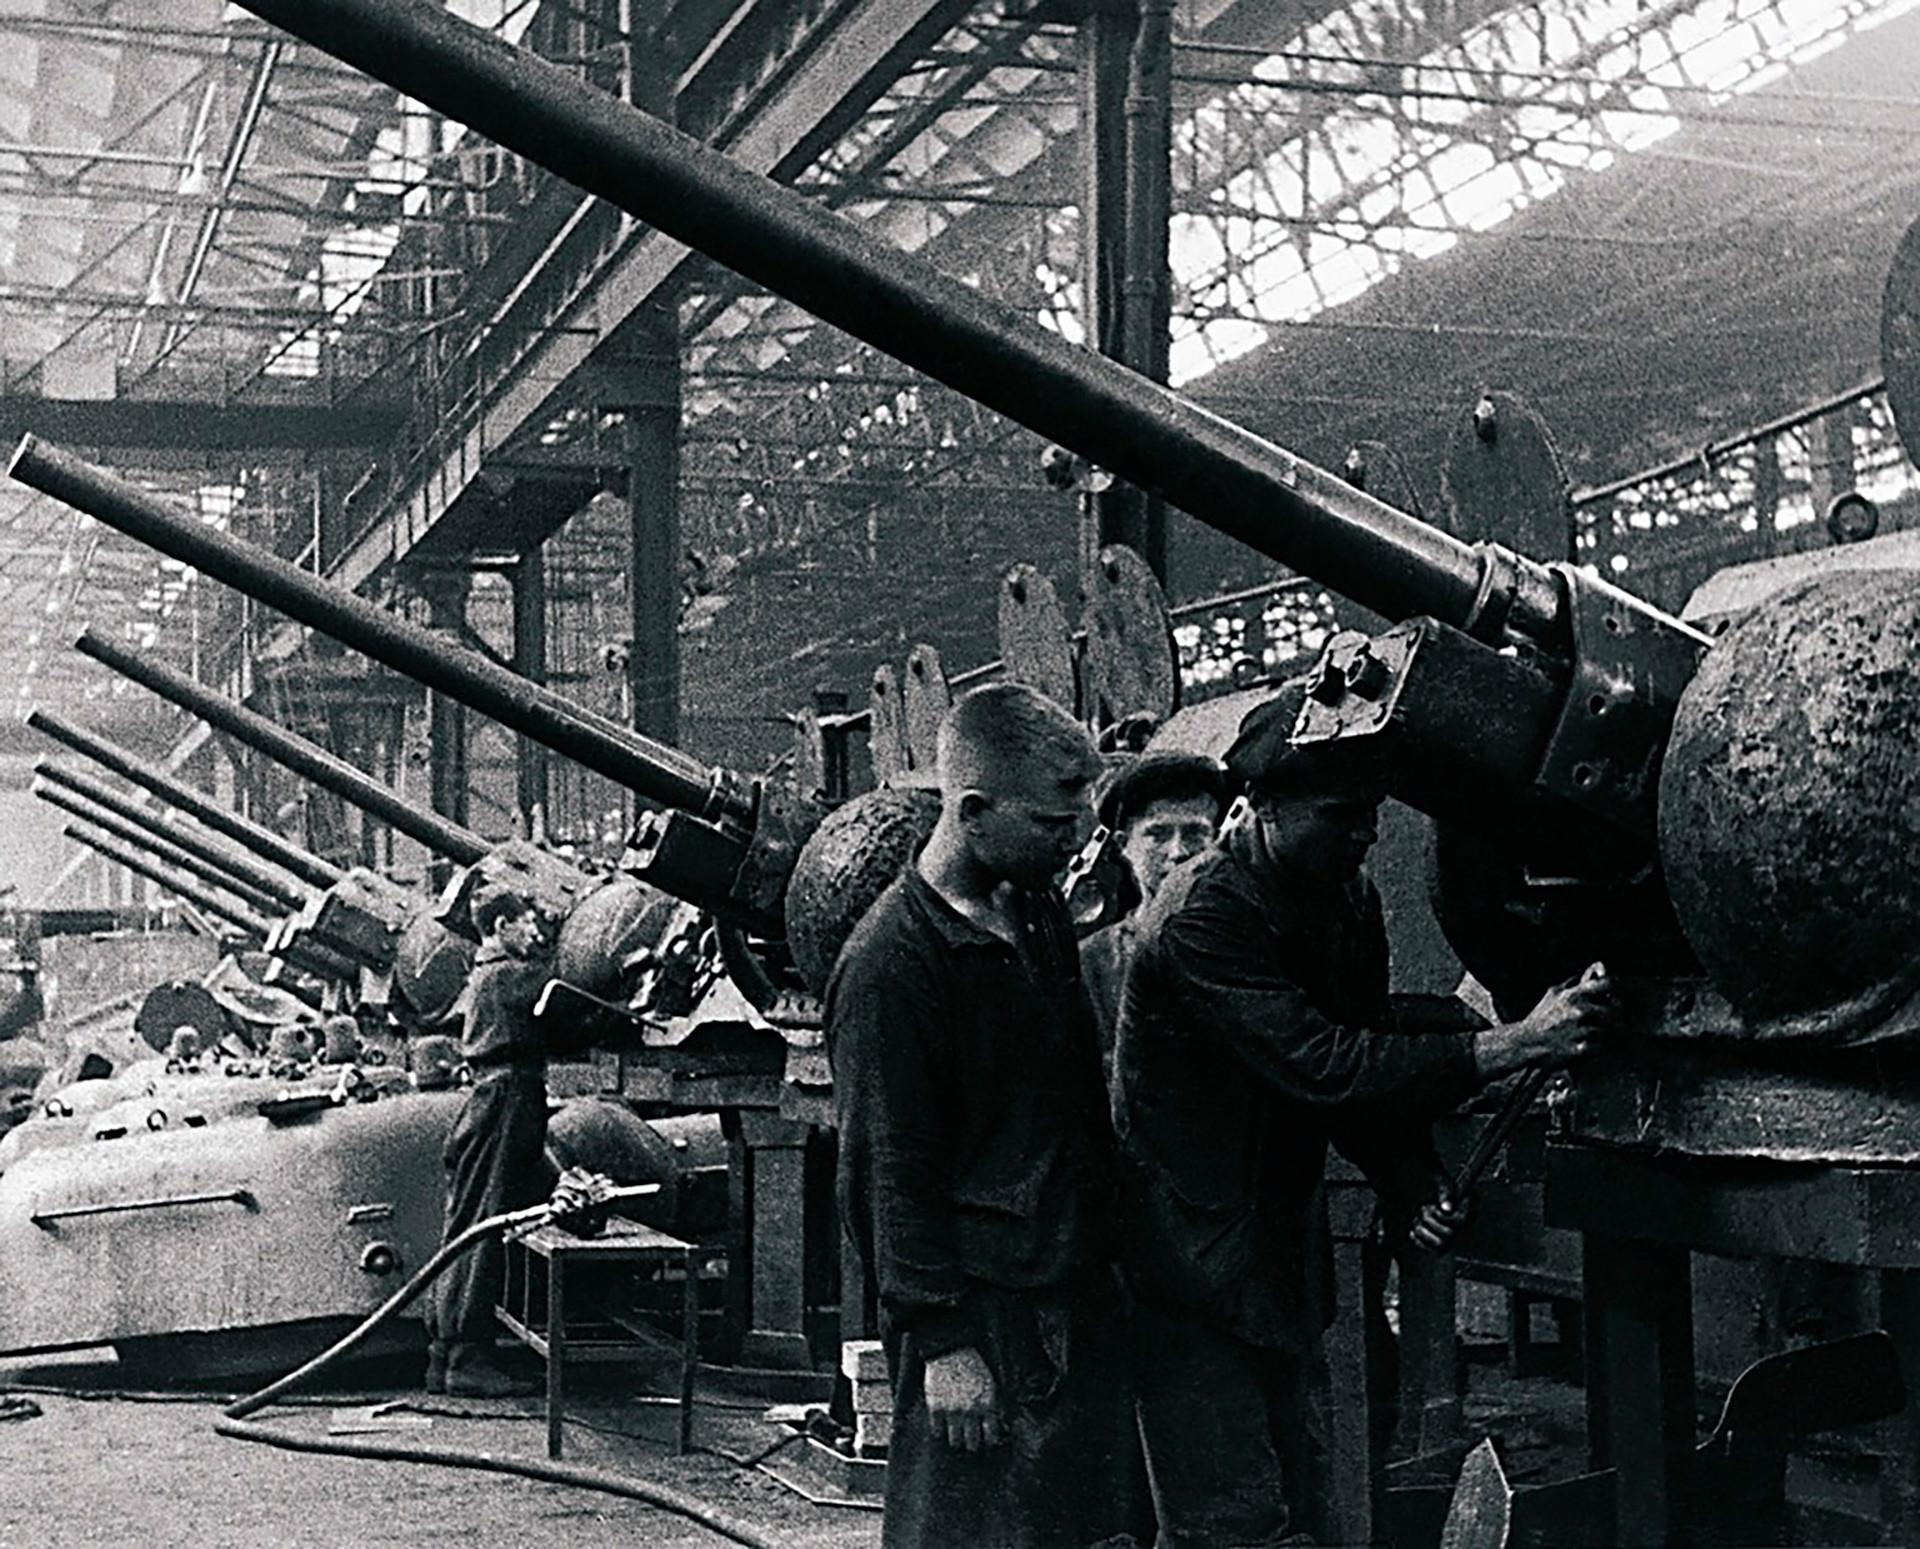 Кировска фабрика Народног комесаријата за производњу тенкова, сада Чељабинска фабрика трактора.